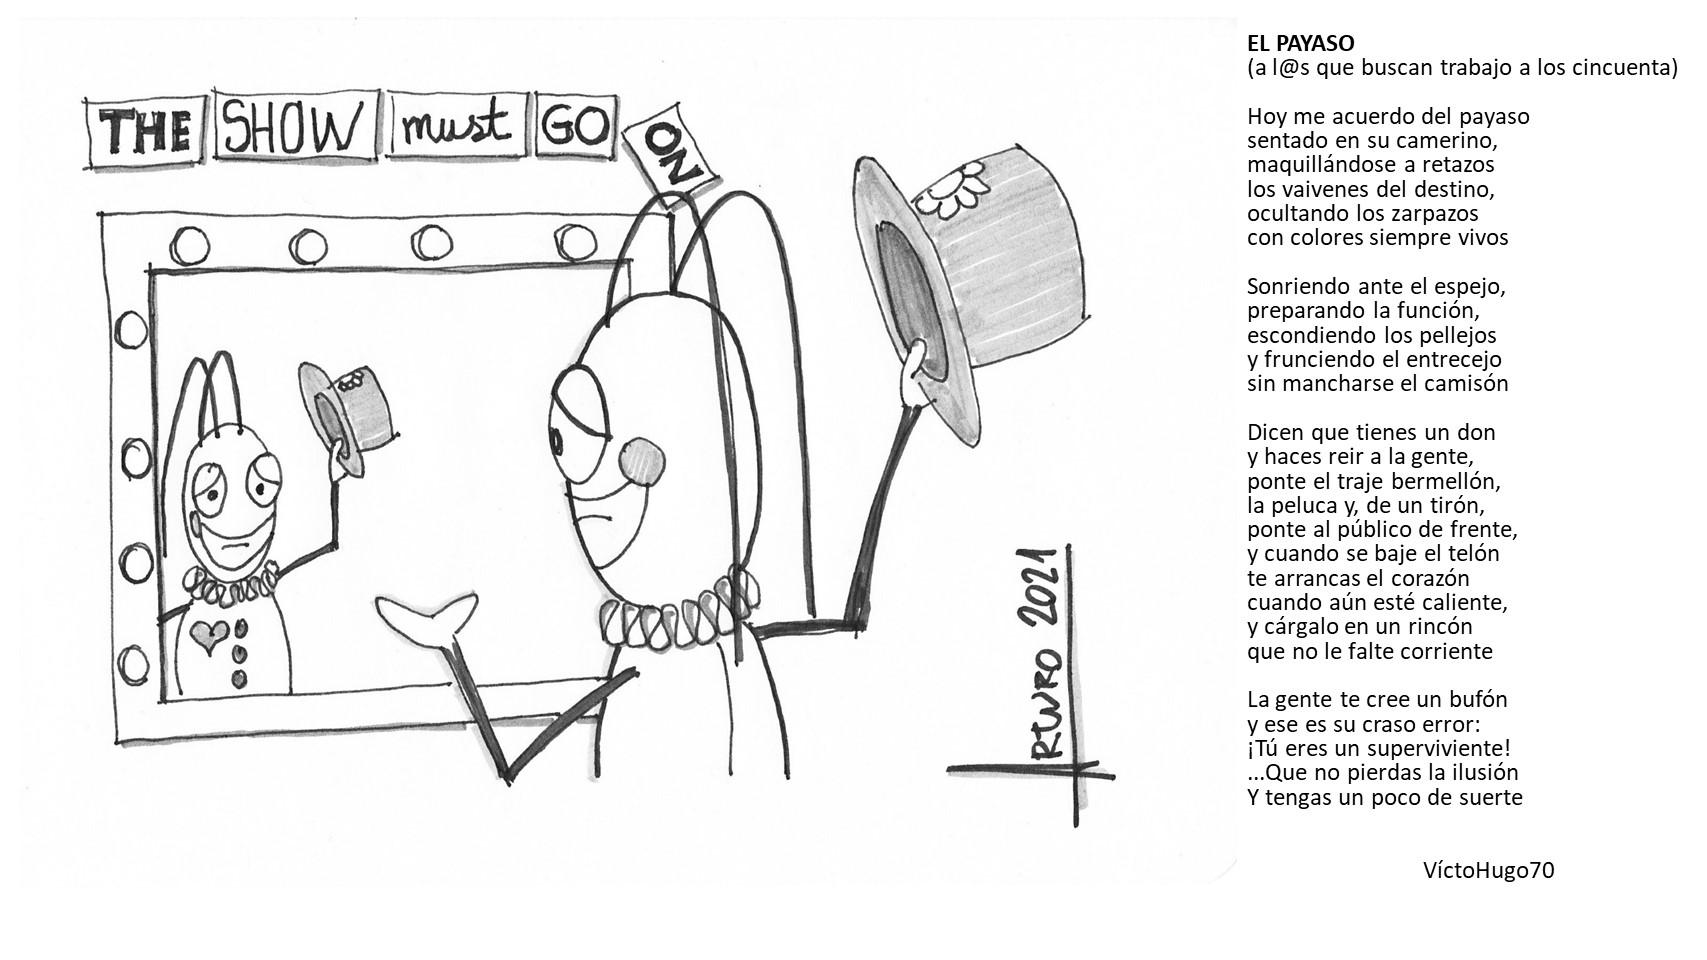 EL-PAYASO_El-Periódico.jpg